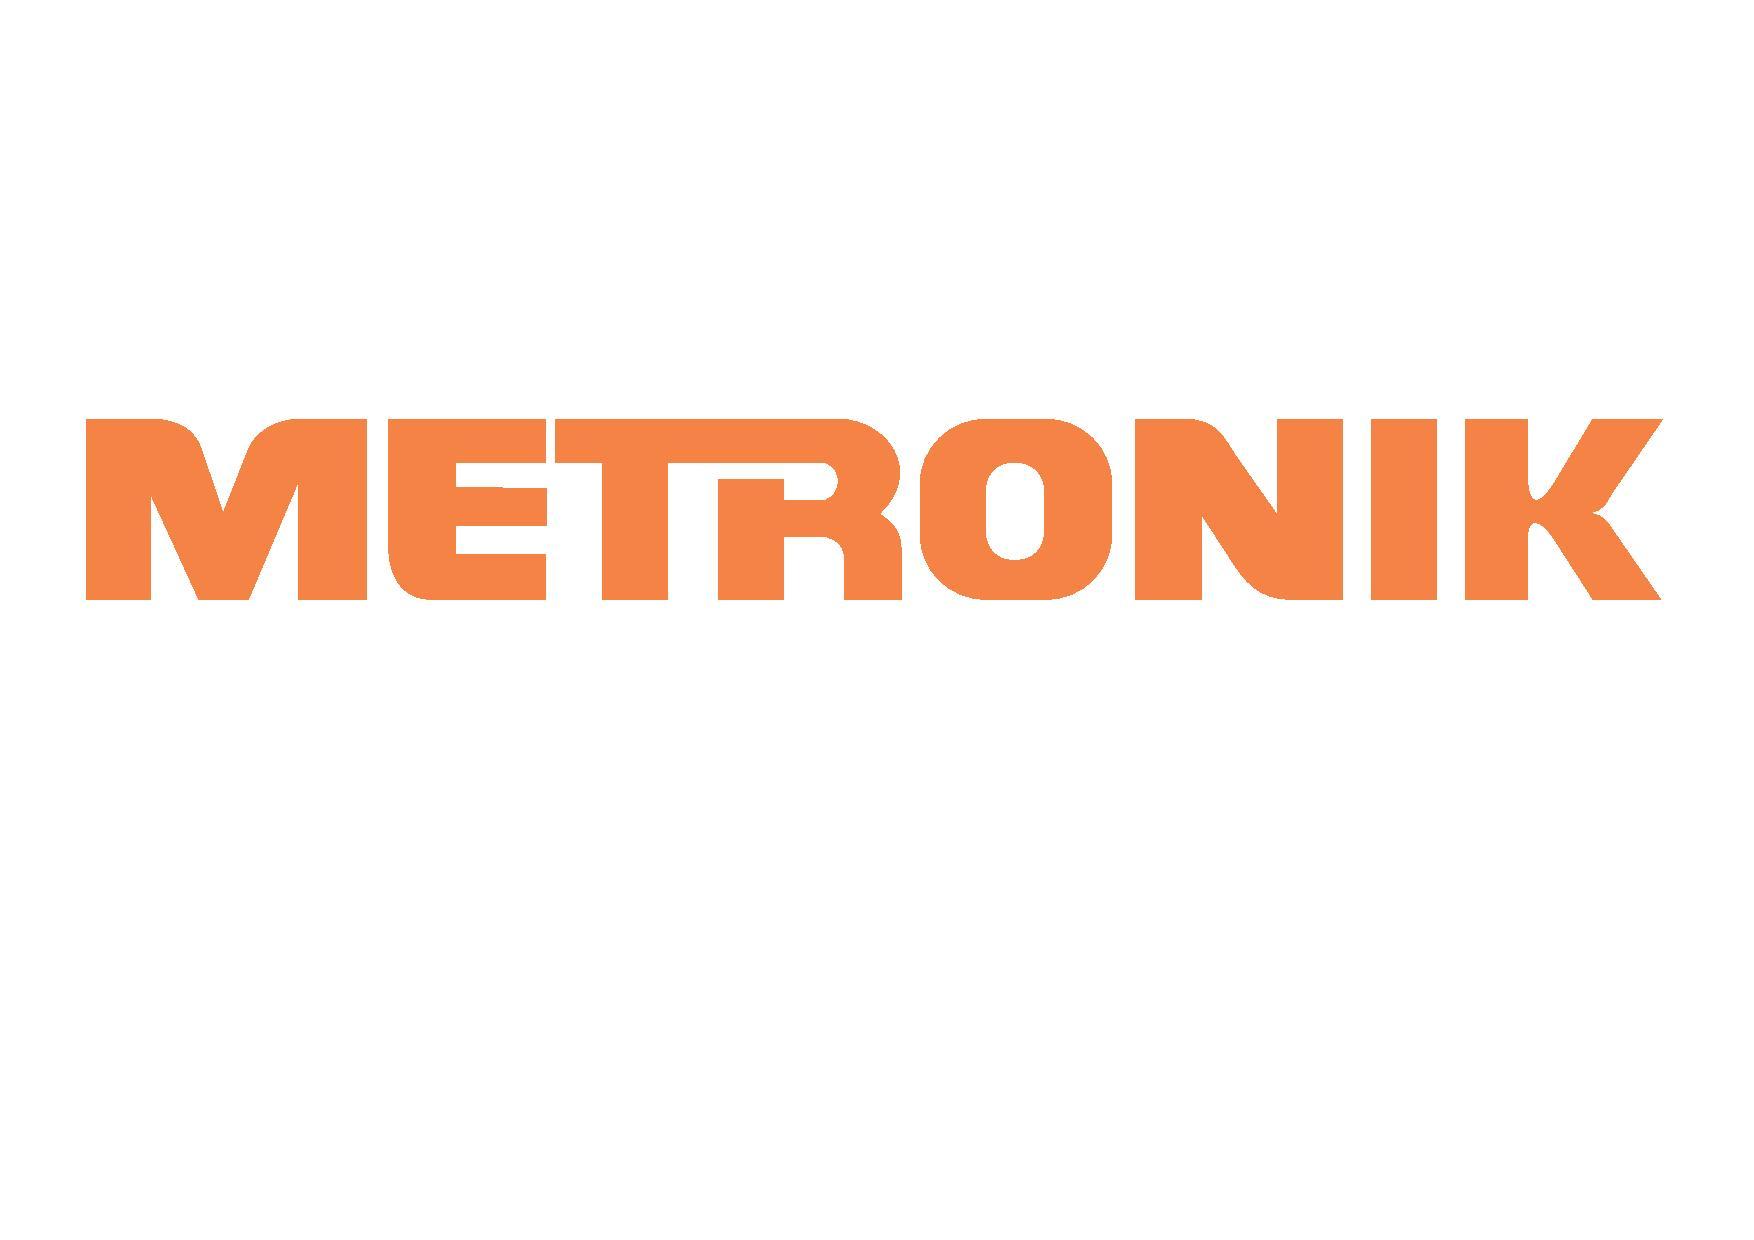 Metronik